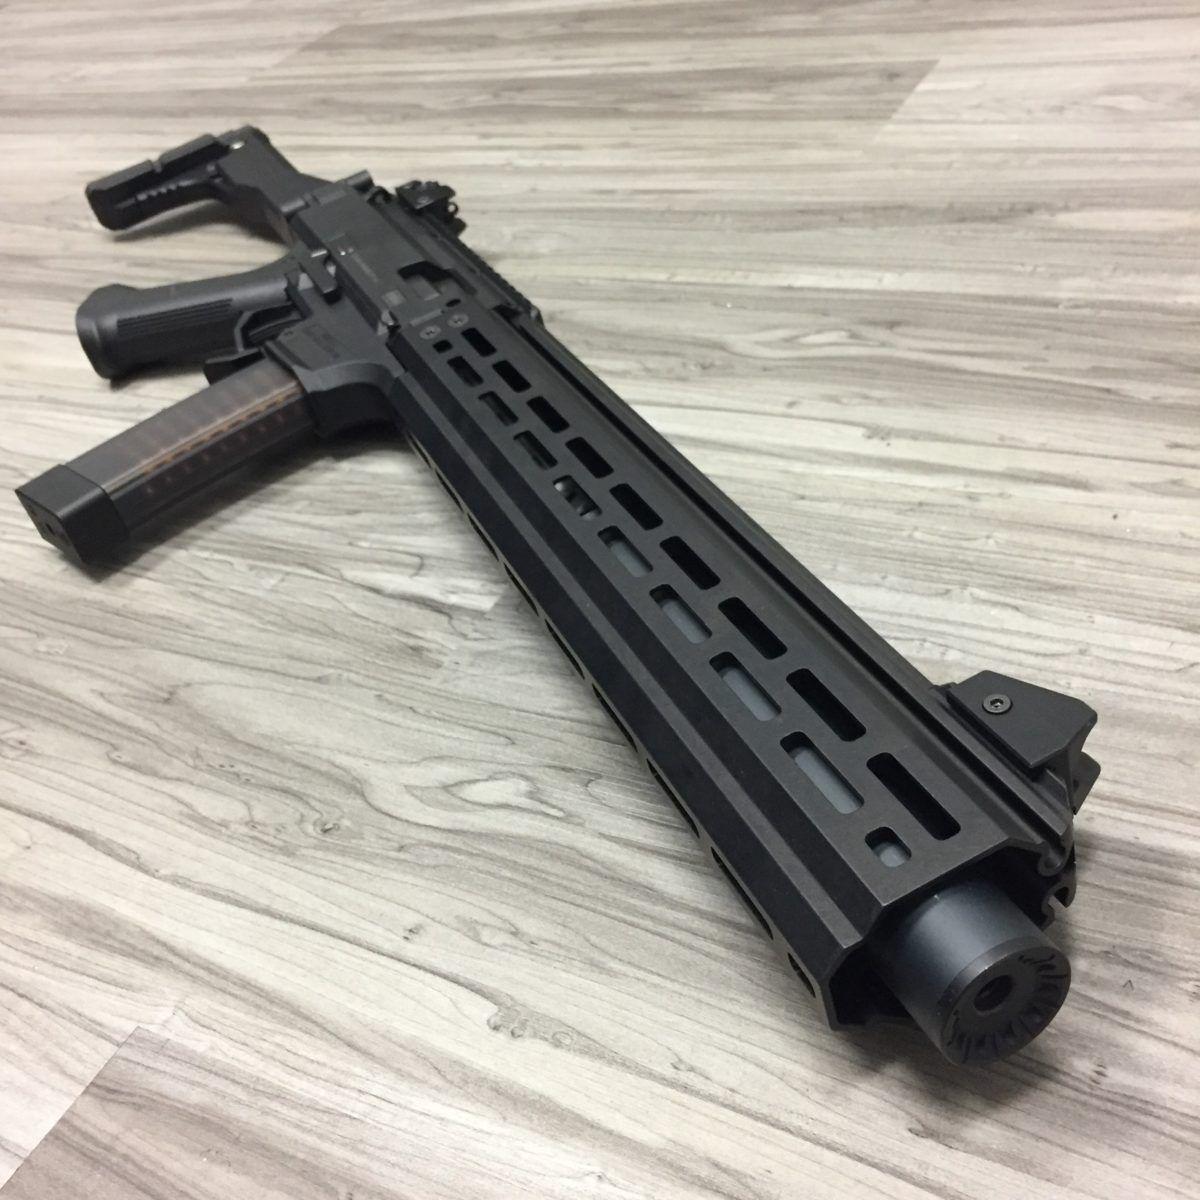 CZ Scorpion 15